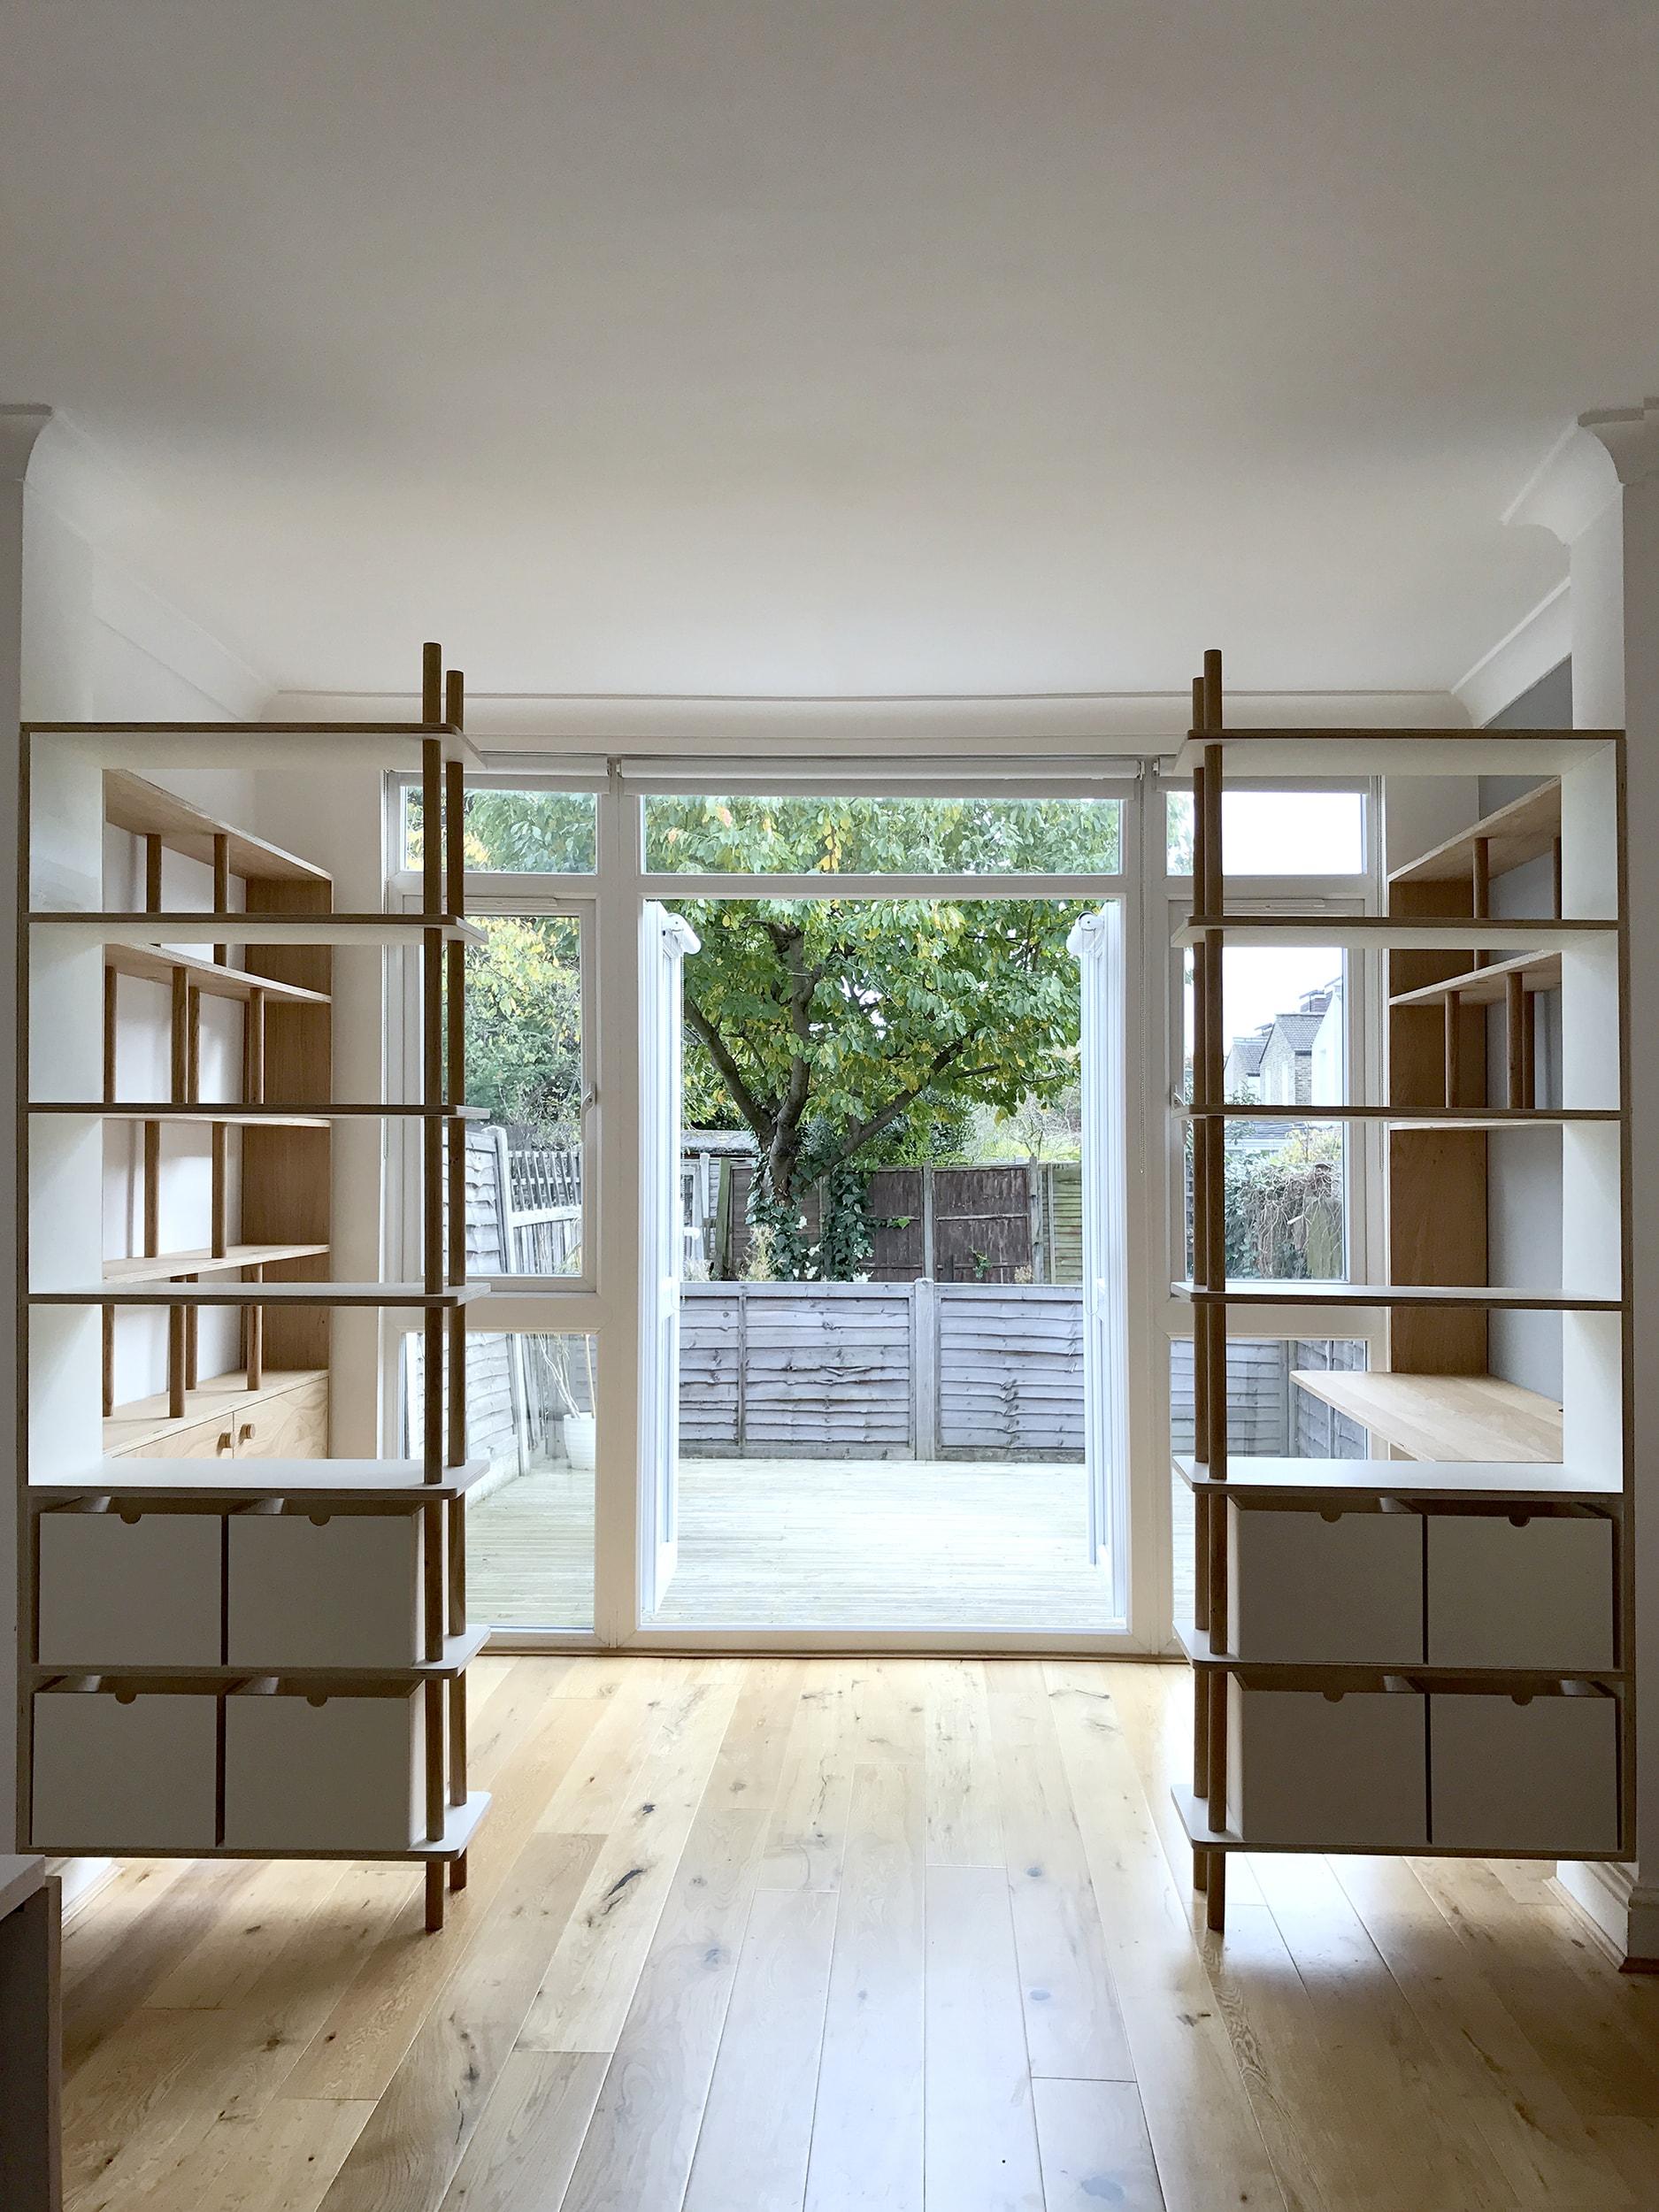 Ben open room divider3 WEB-min.jpg